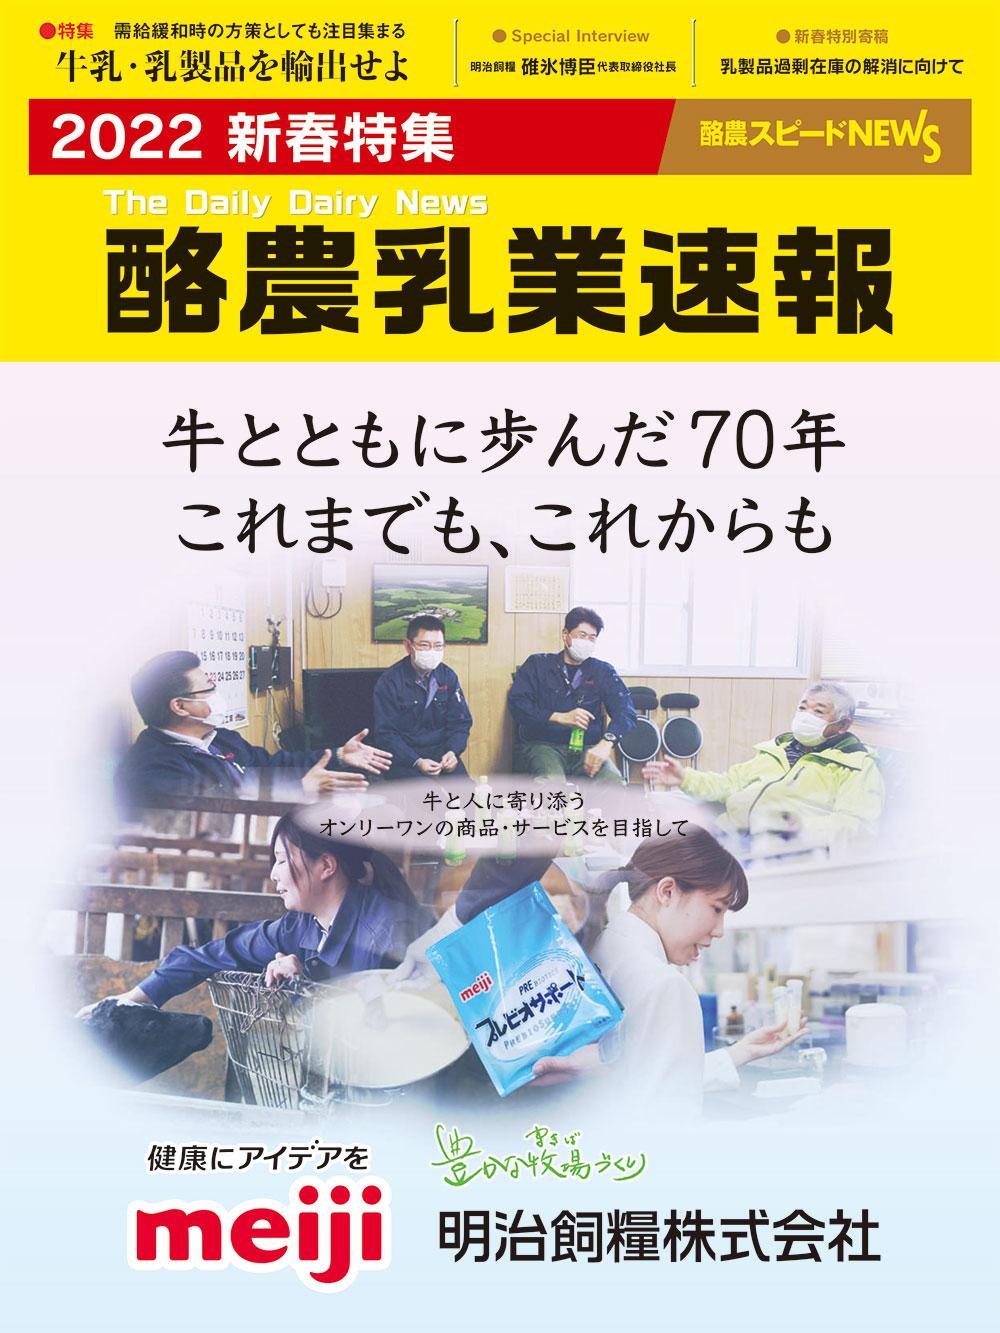 酪農乳業速報 新春特集